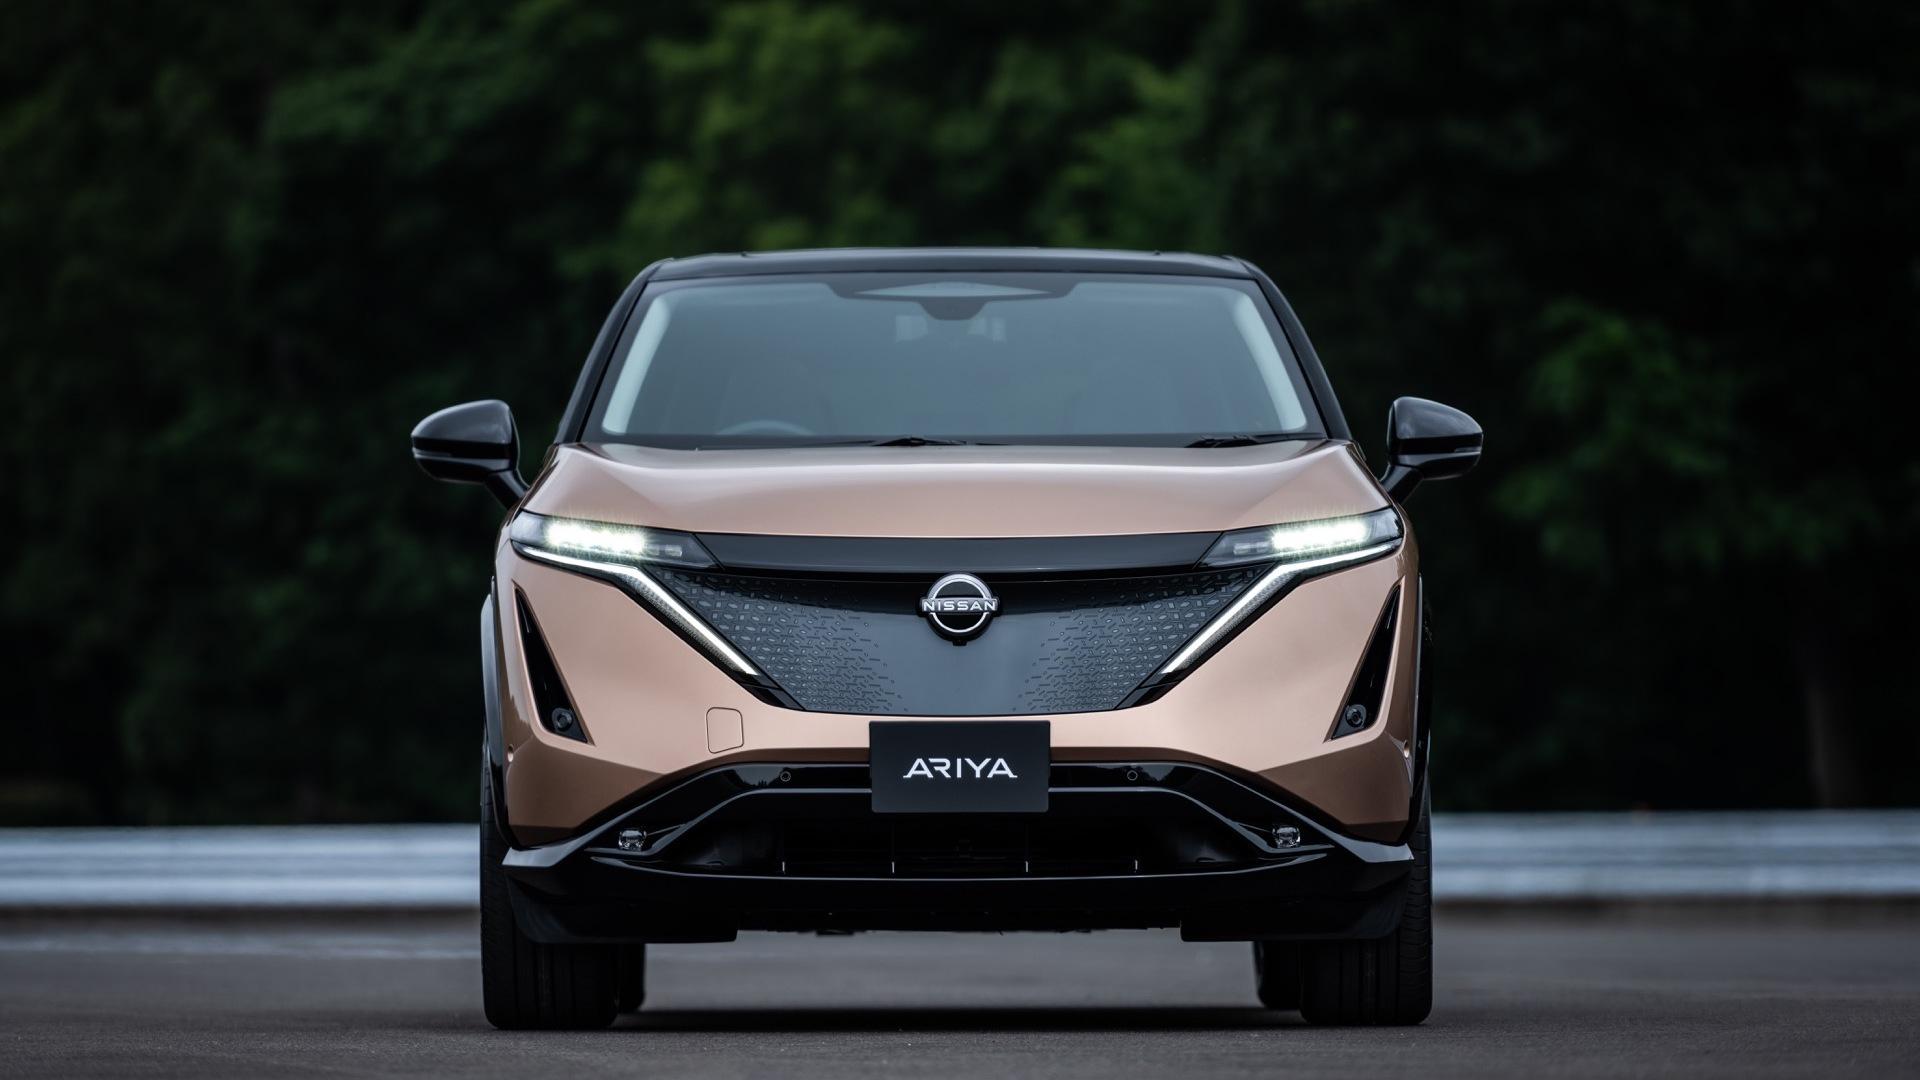 2022 Ariya SUV